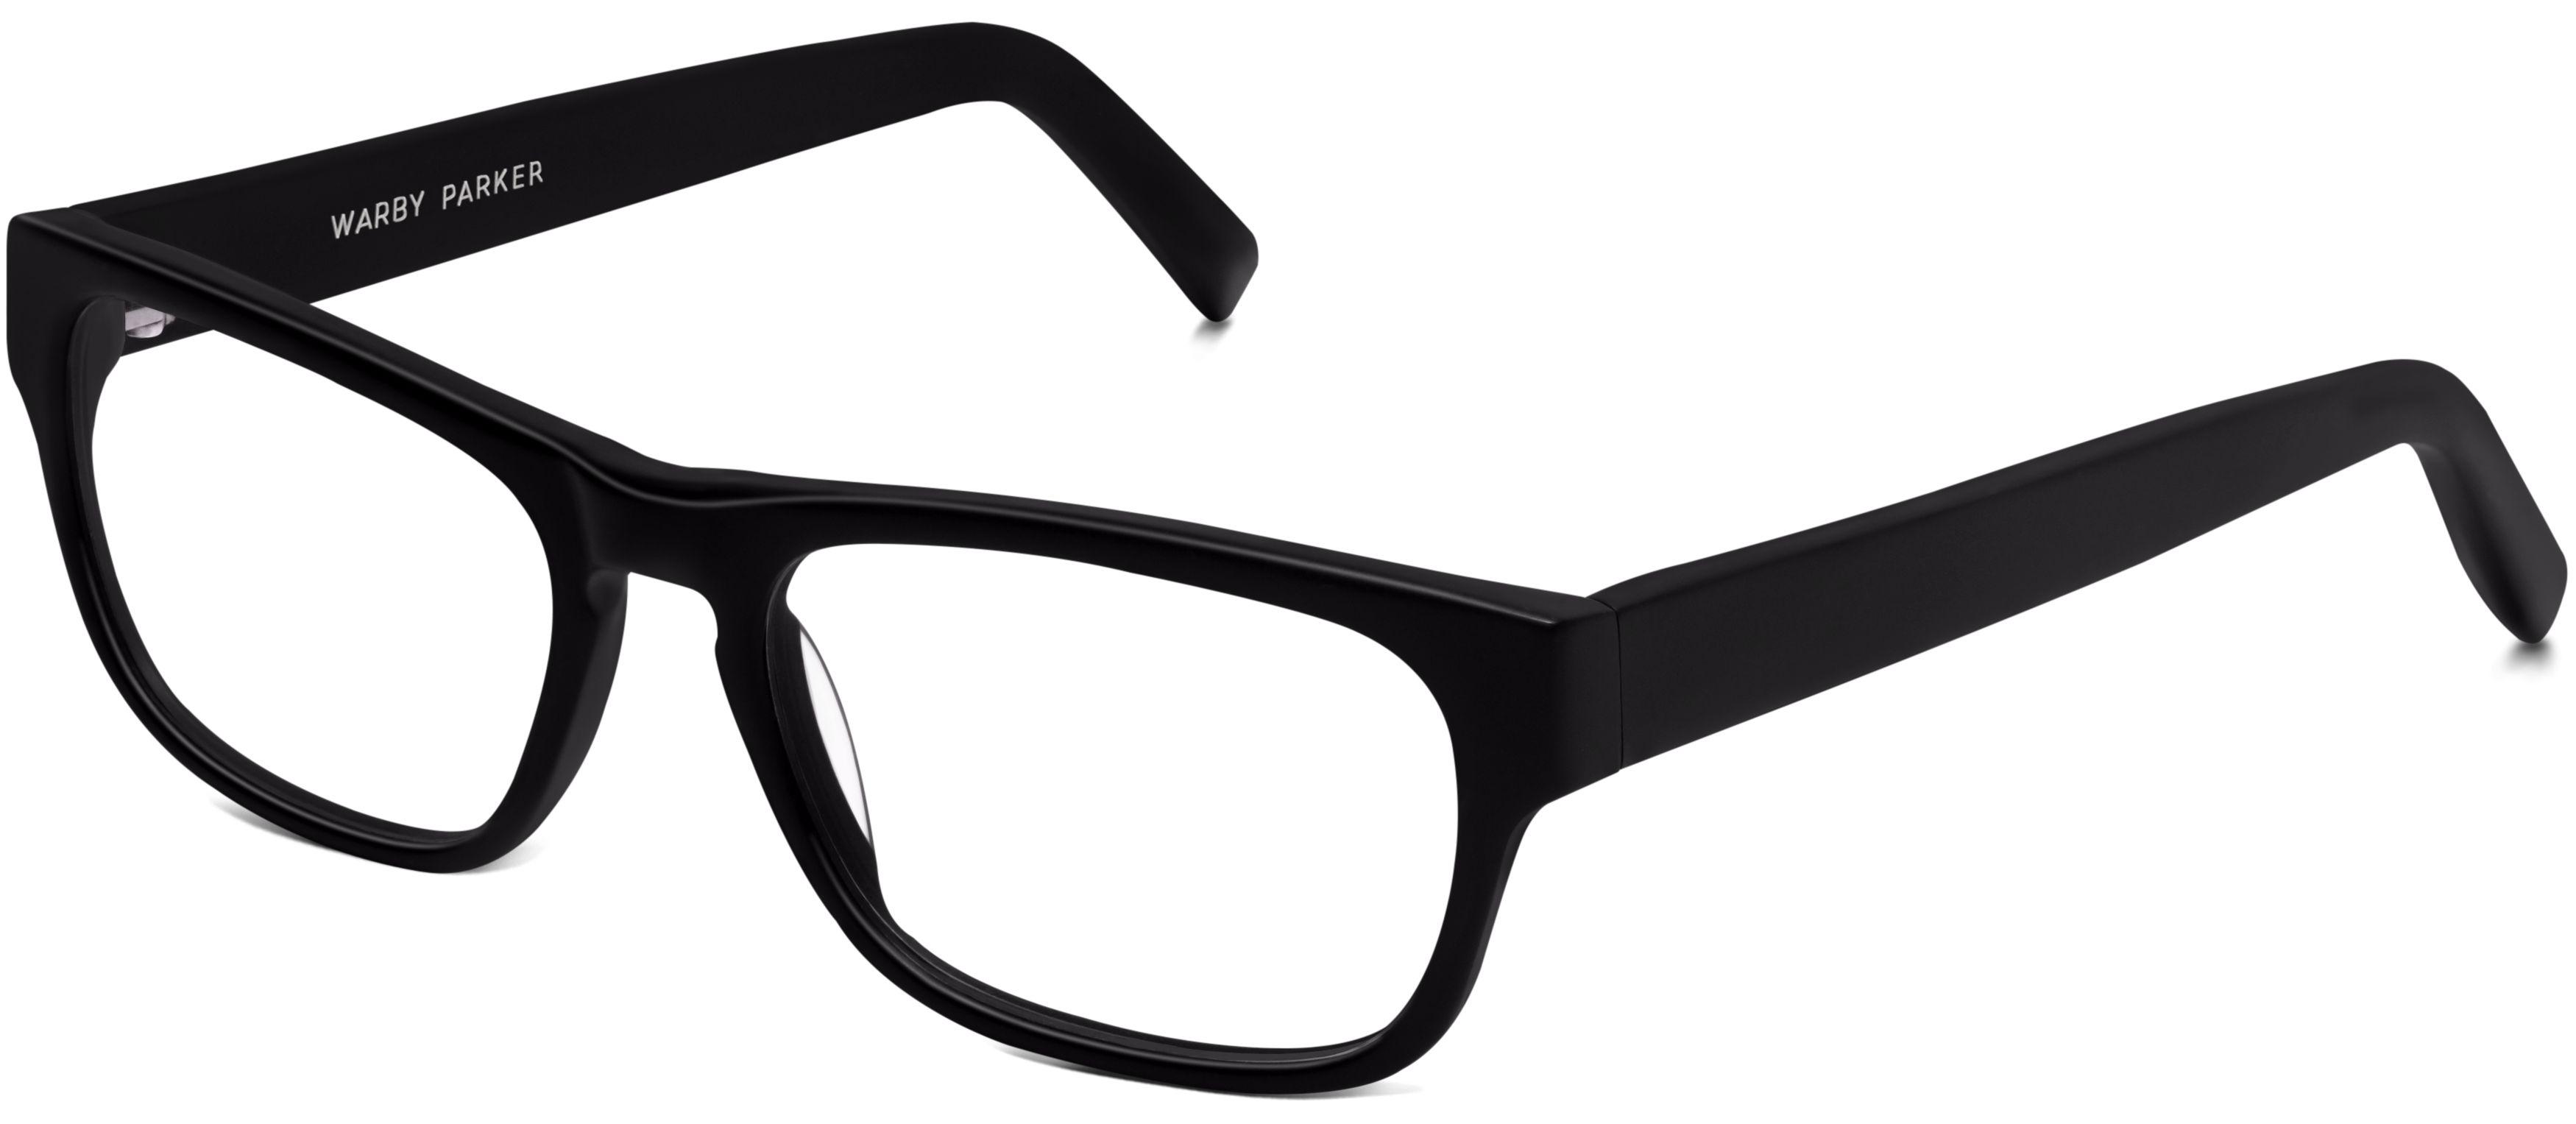 Roosevelt Eyeglasses In Jet Black Matte For Women Warby Parker